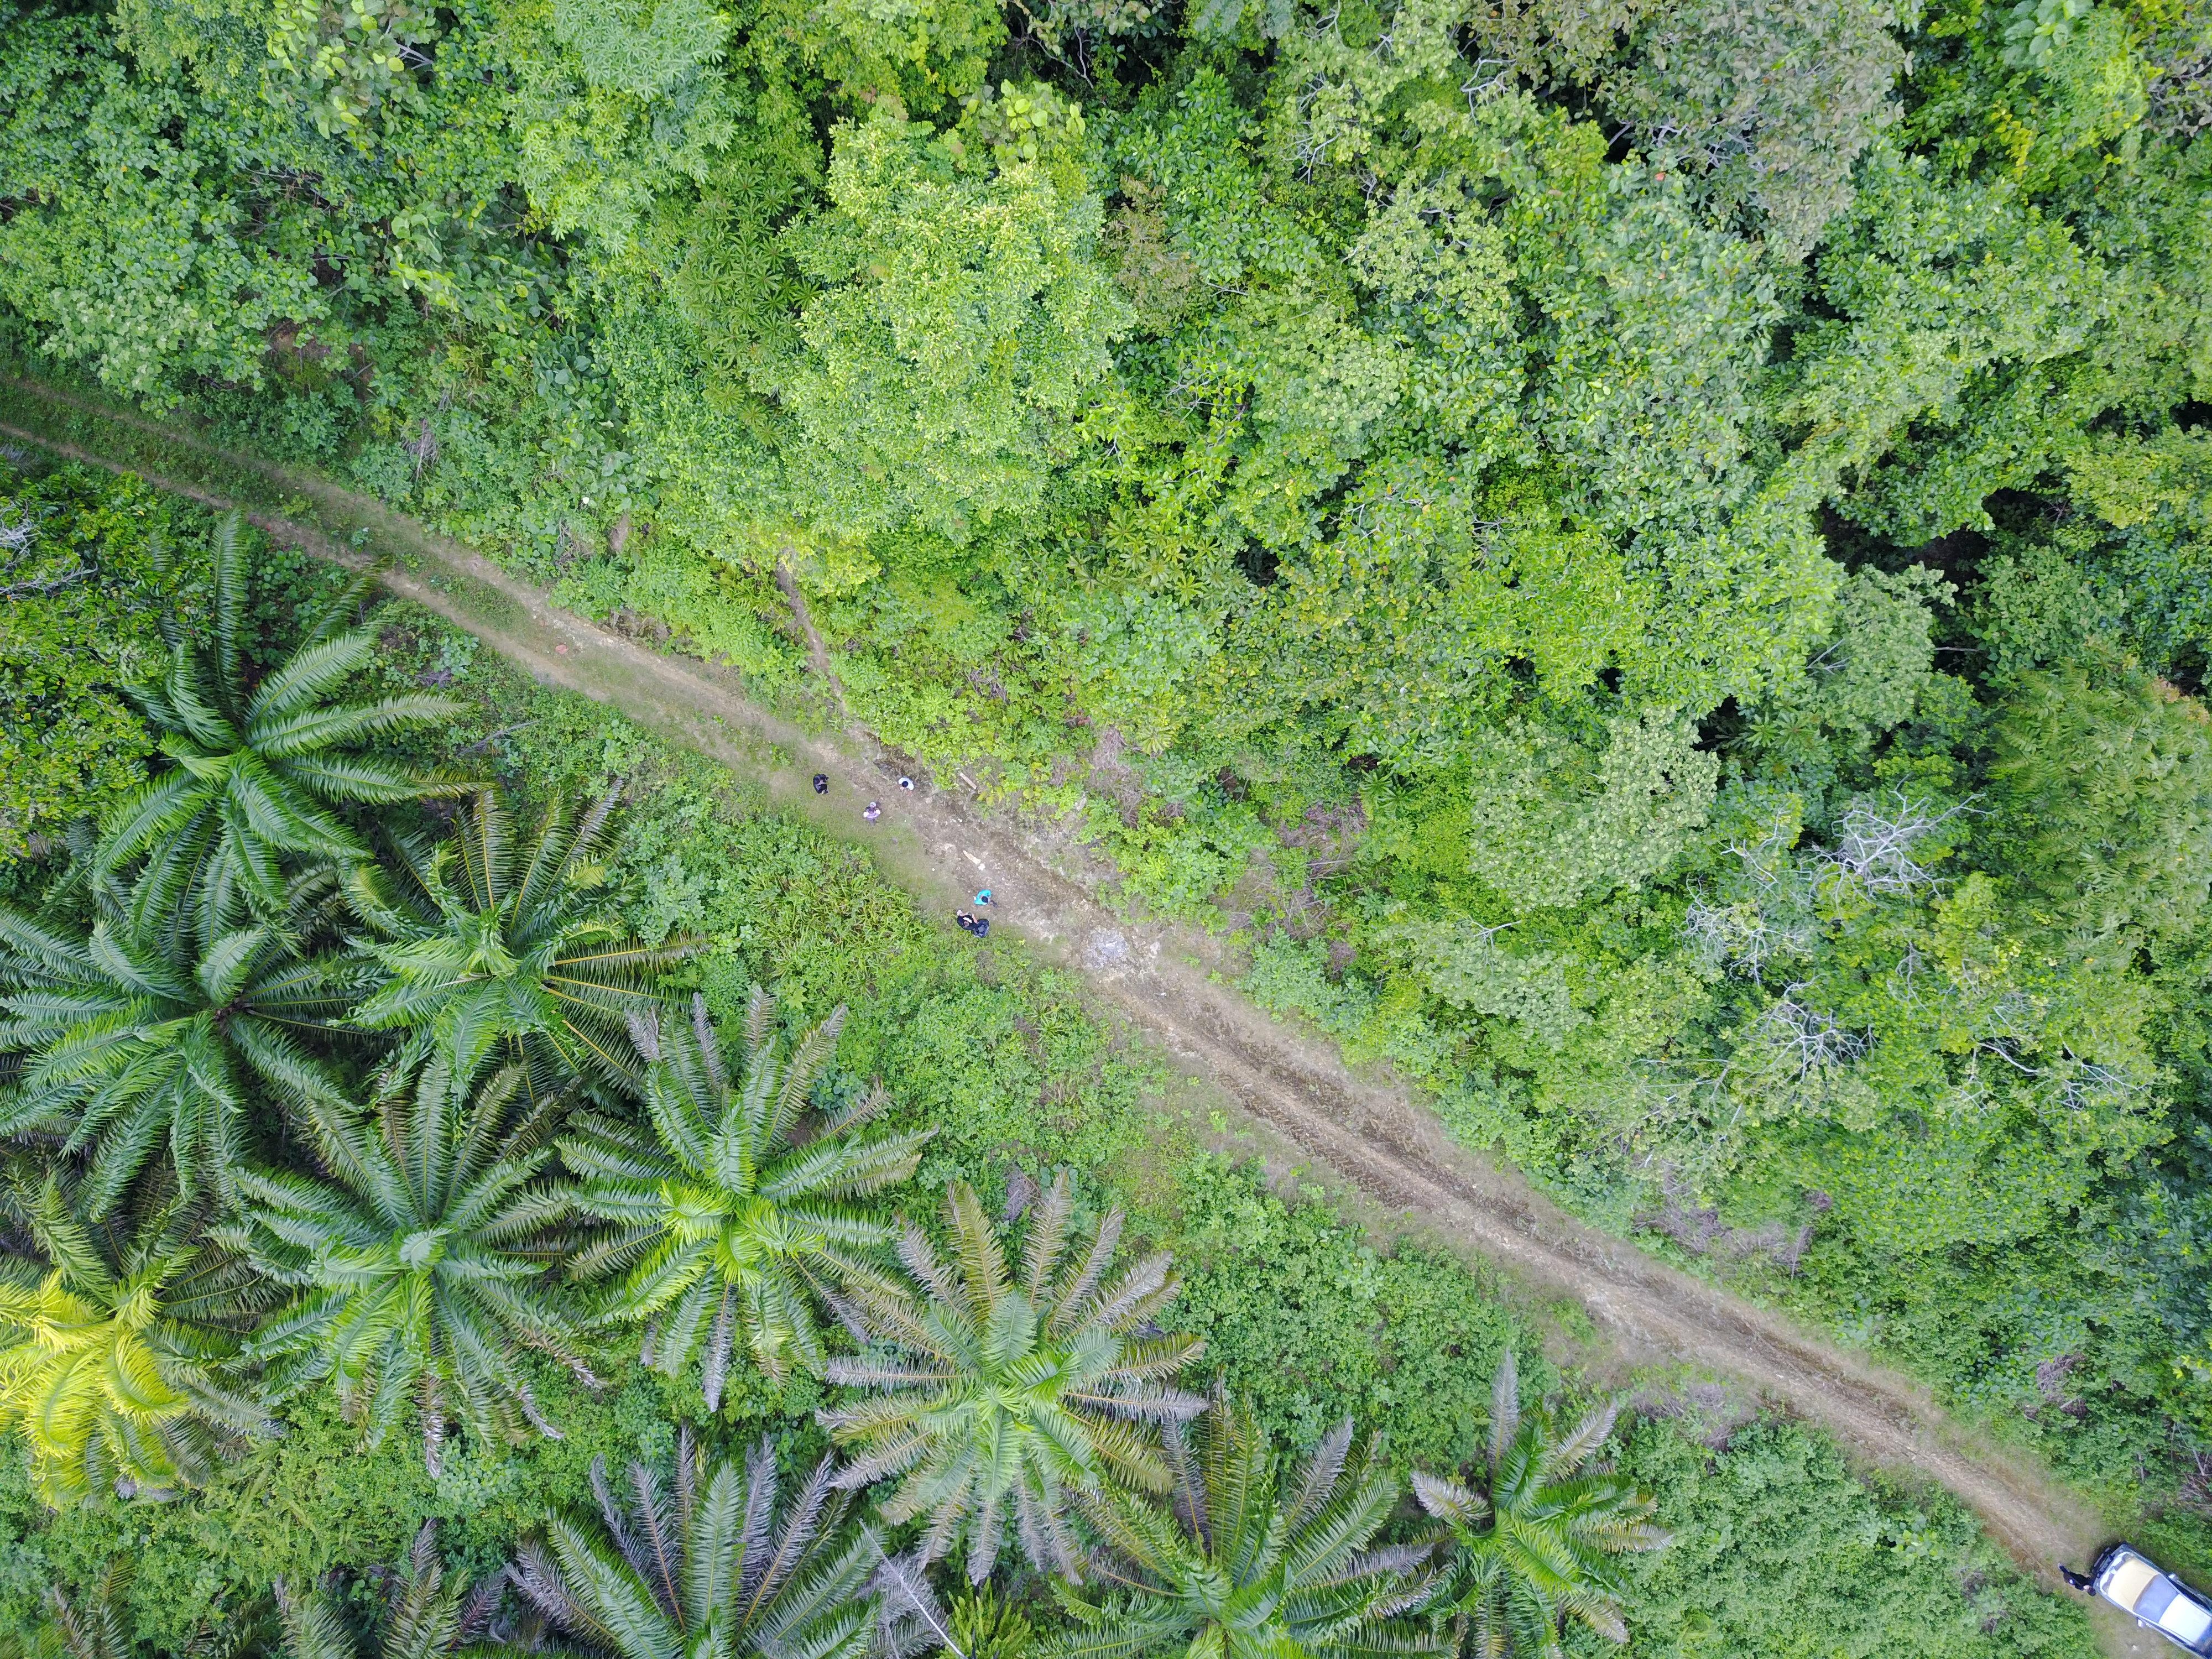 Perencanaan Perkebunan Berkelanjutan Berbasis Yuridiksi: Apa Mungkin Berkelanjutan?